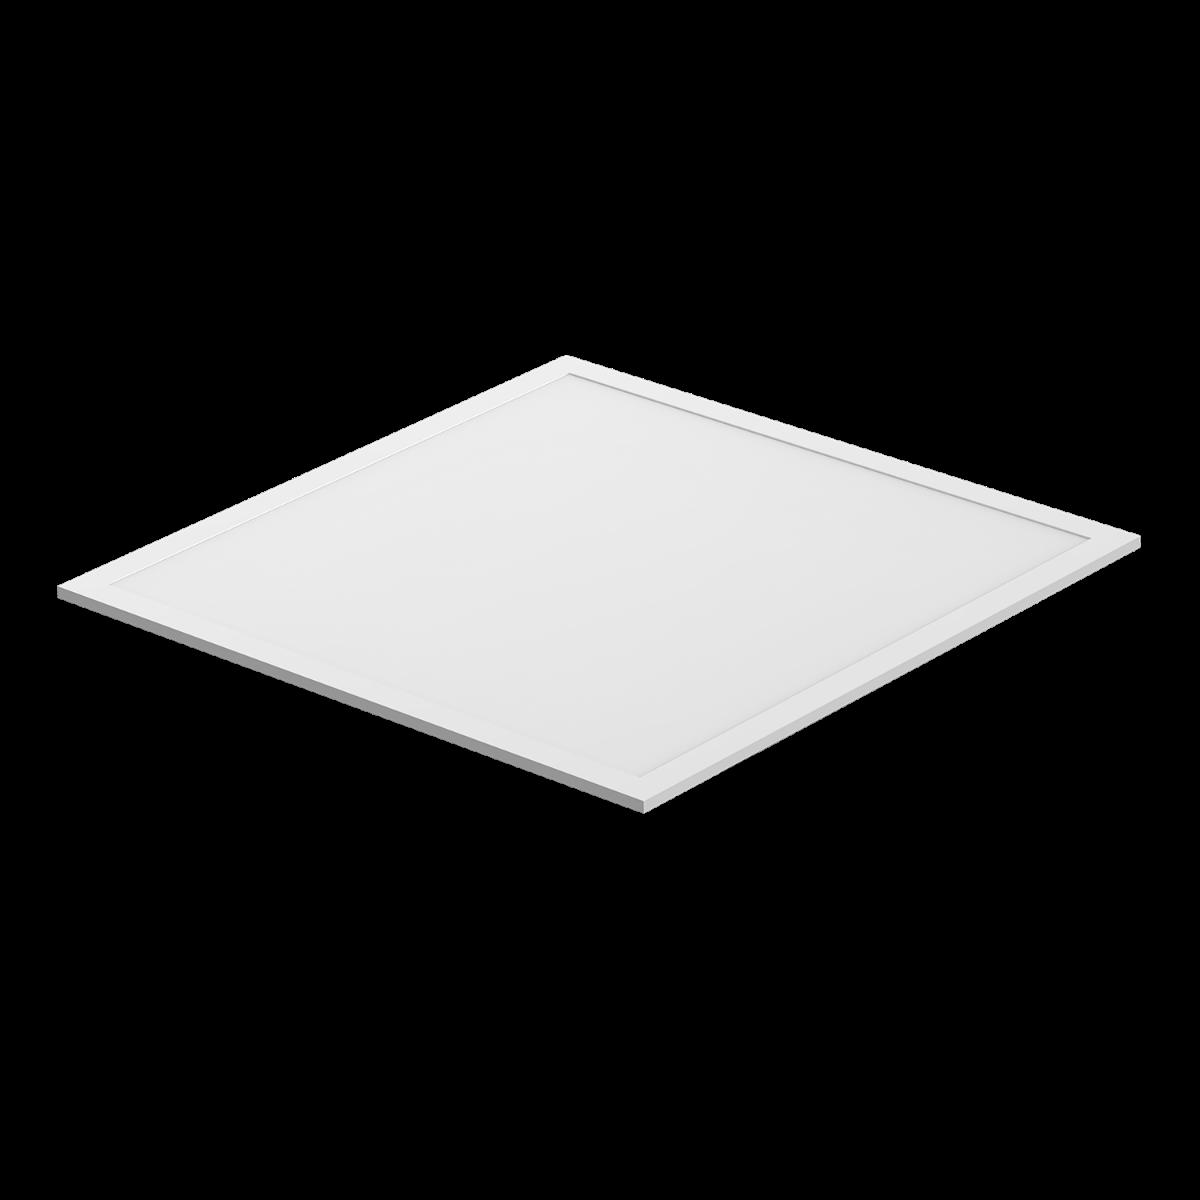 Noxion LED Paneel Econox 32W 60x60cm 3000K 3900lm UGR <22 | Vervanger voor 4x18W